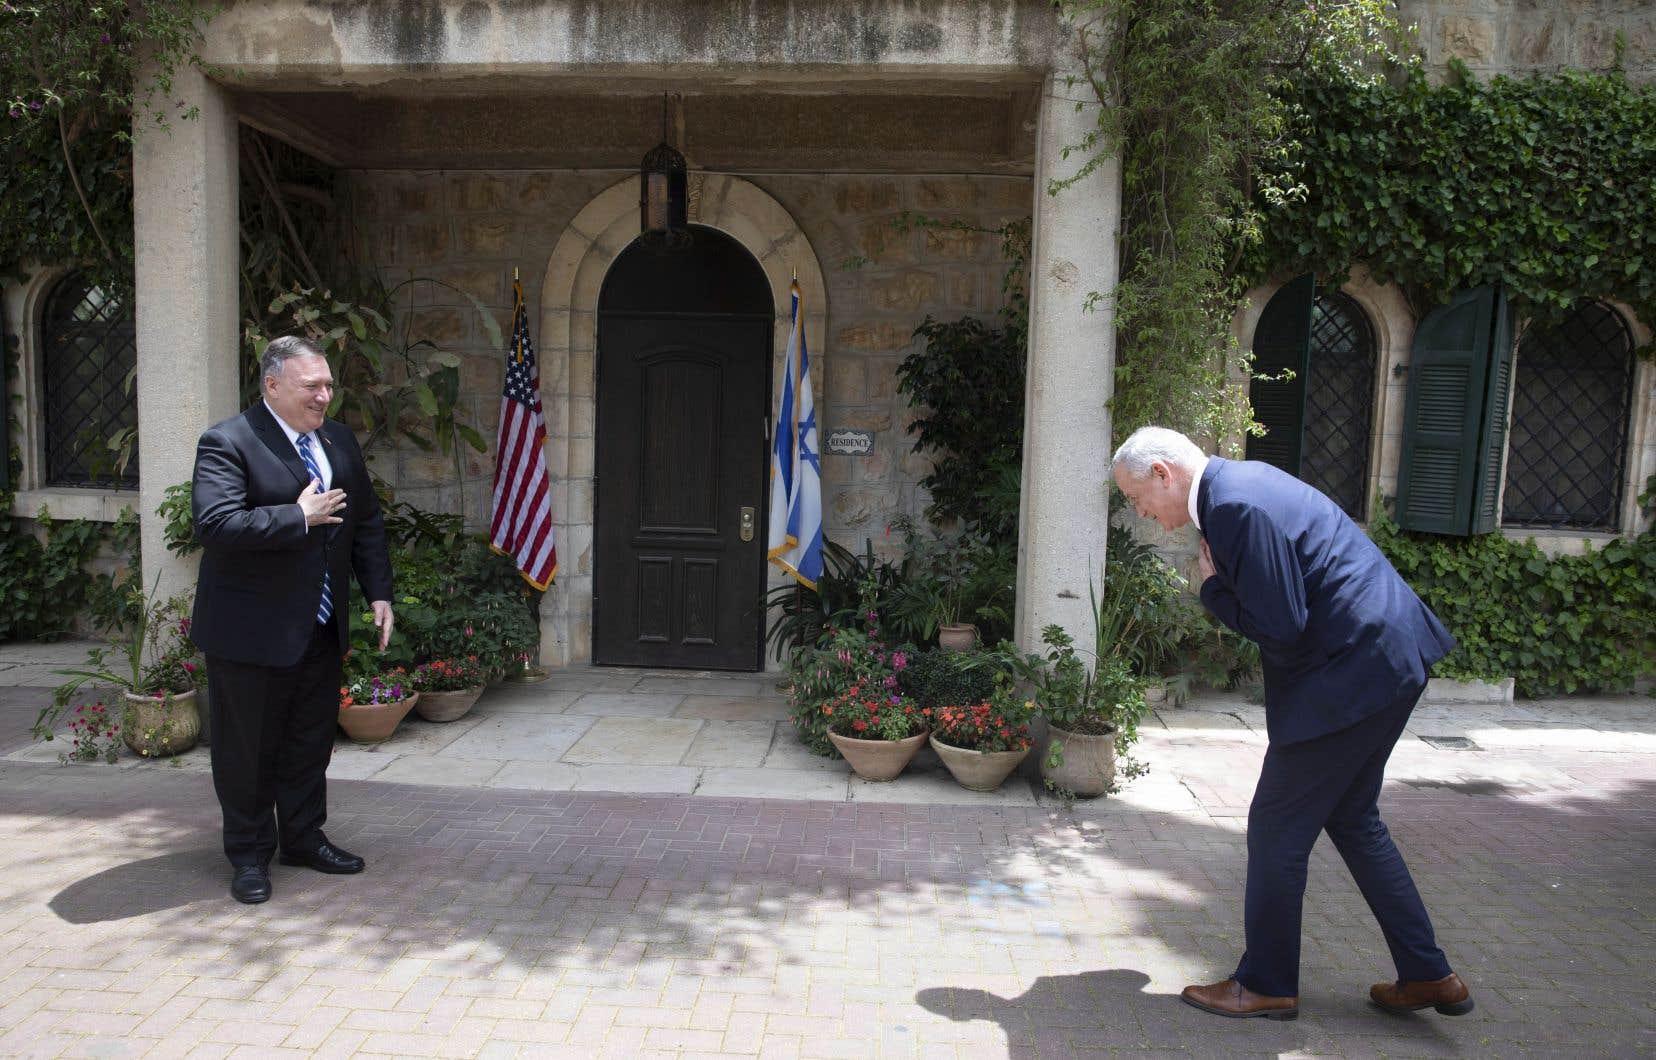 Le secrétaire d'État américain, Mike Pompeo, a fait une visite éclair en Israël pour rencontrer le premier ministre Benjamin Nétanyahou.